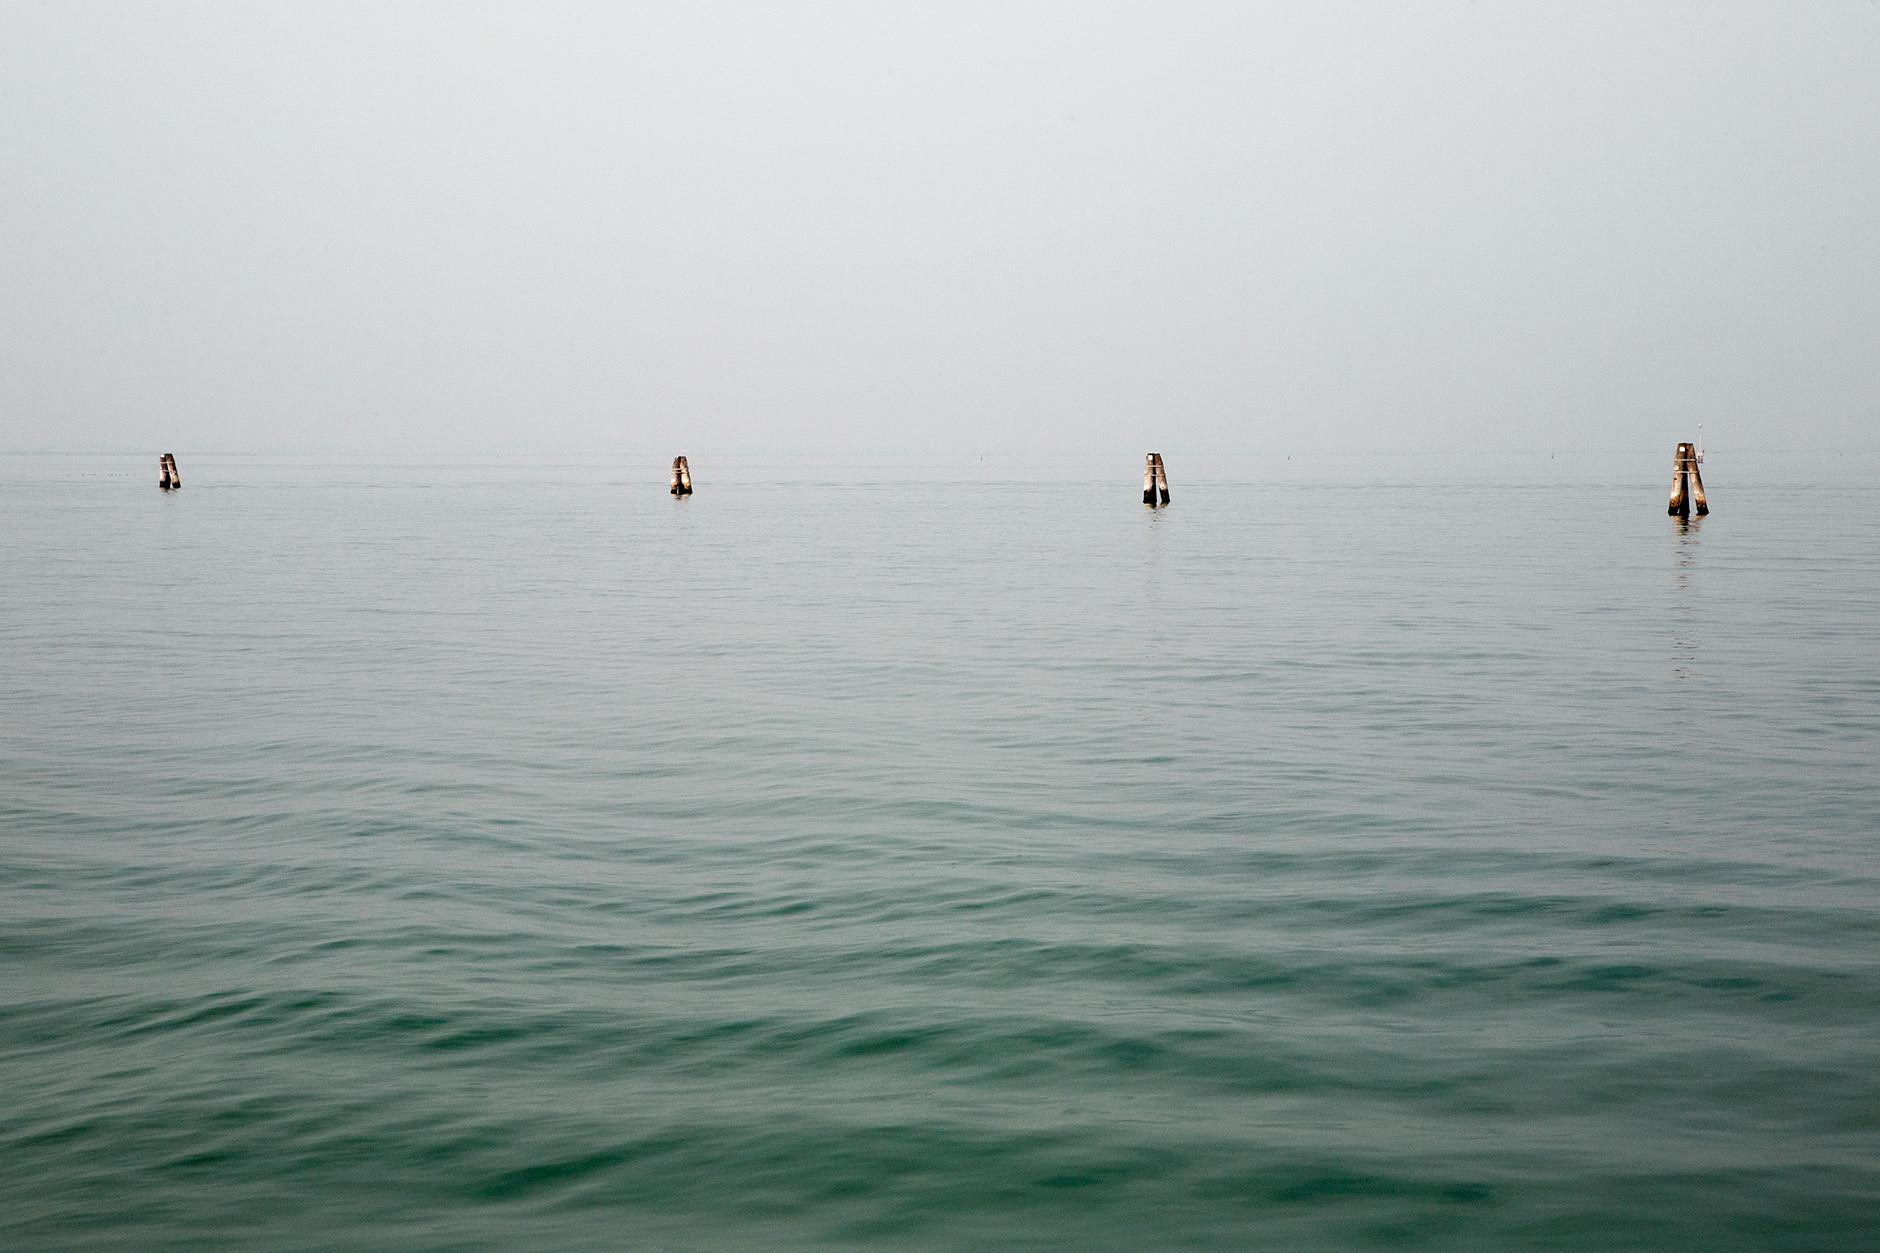 Michelle Grant | Stillness | Sea study #1